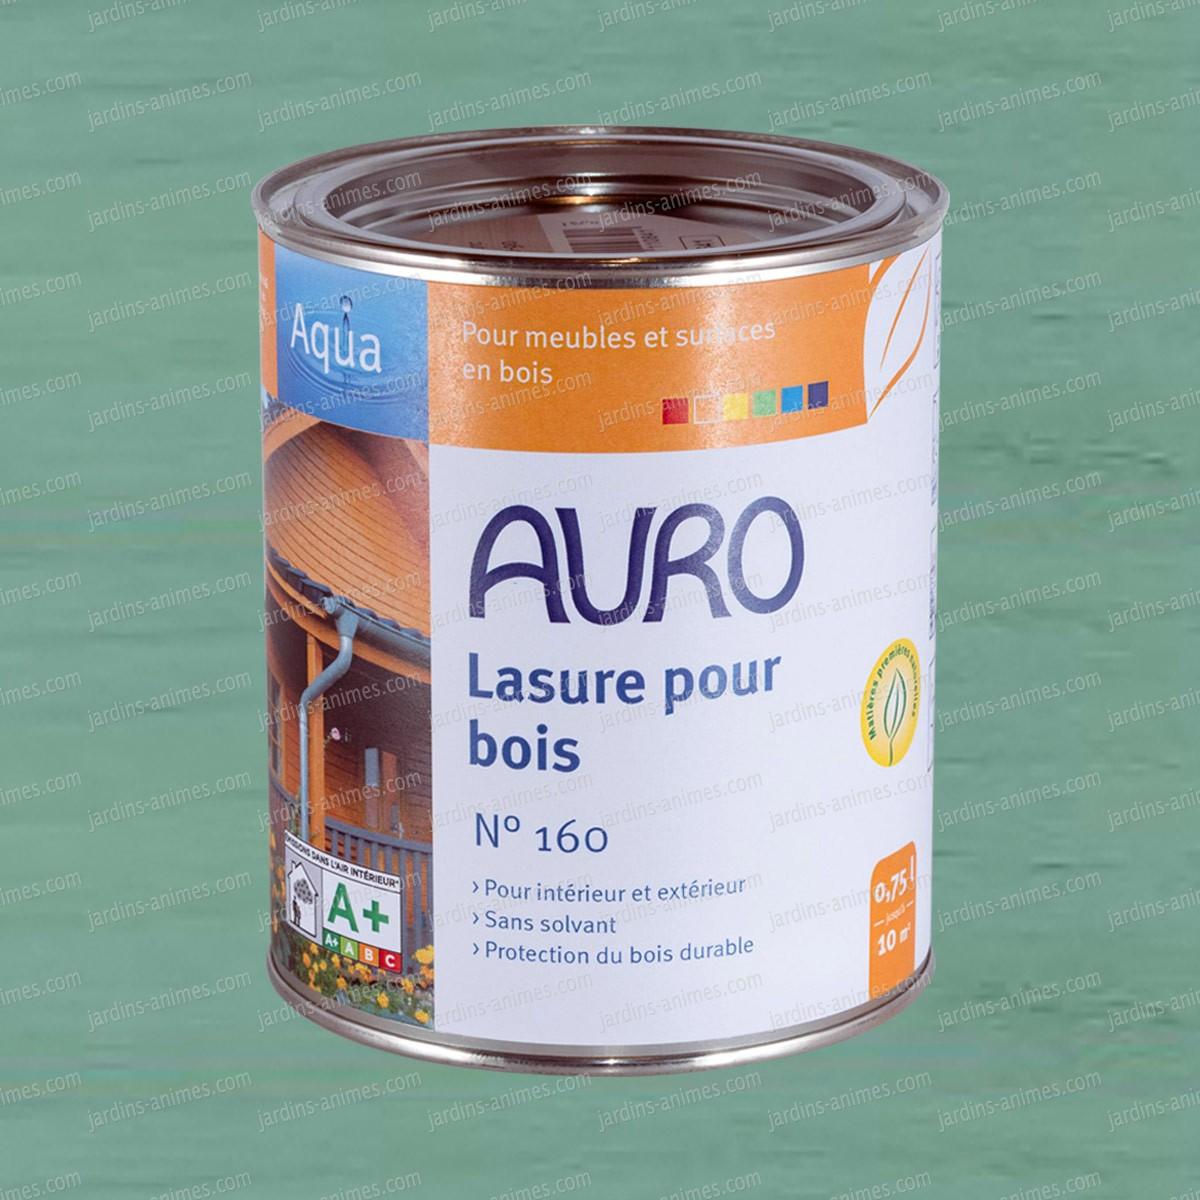 lasure bois aqua turquoise auro 160 52 peintures et traitements pour le bois. Black Bedroom Furniture Sets. Home Design Ideas